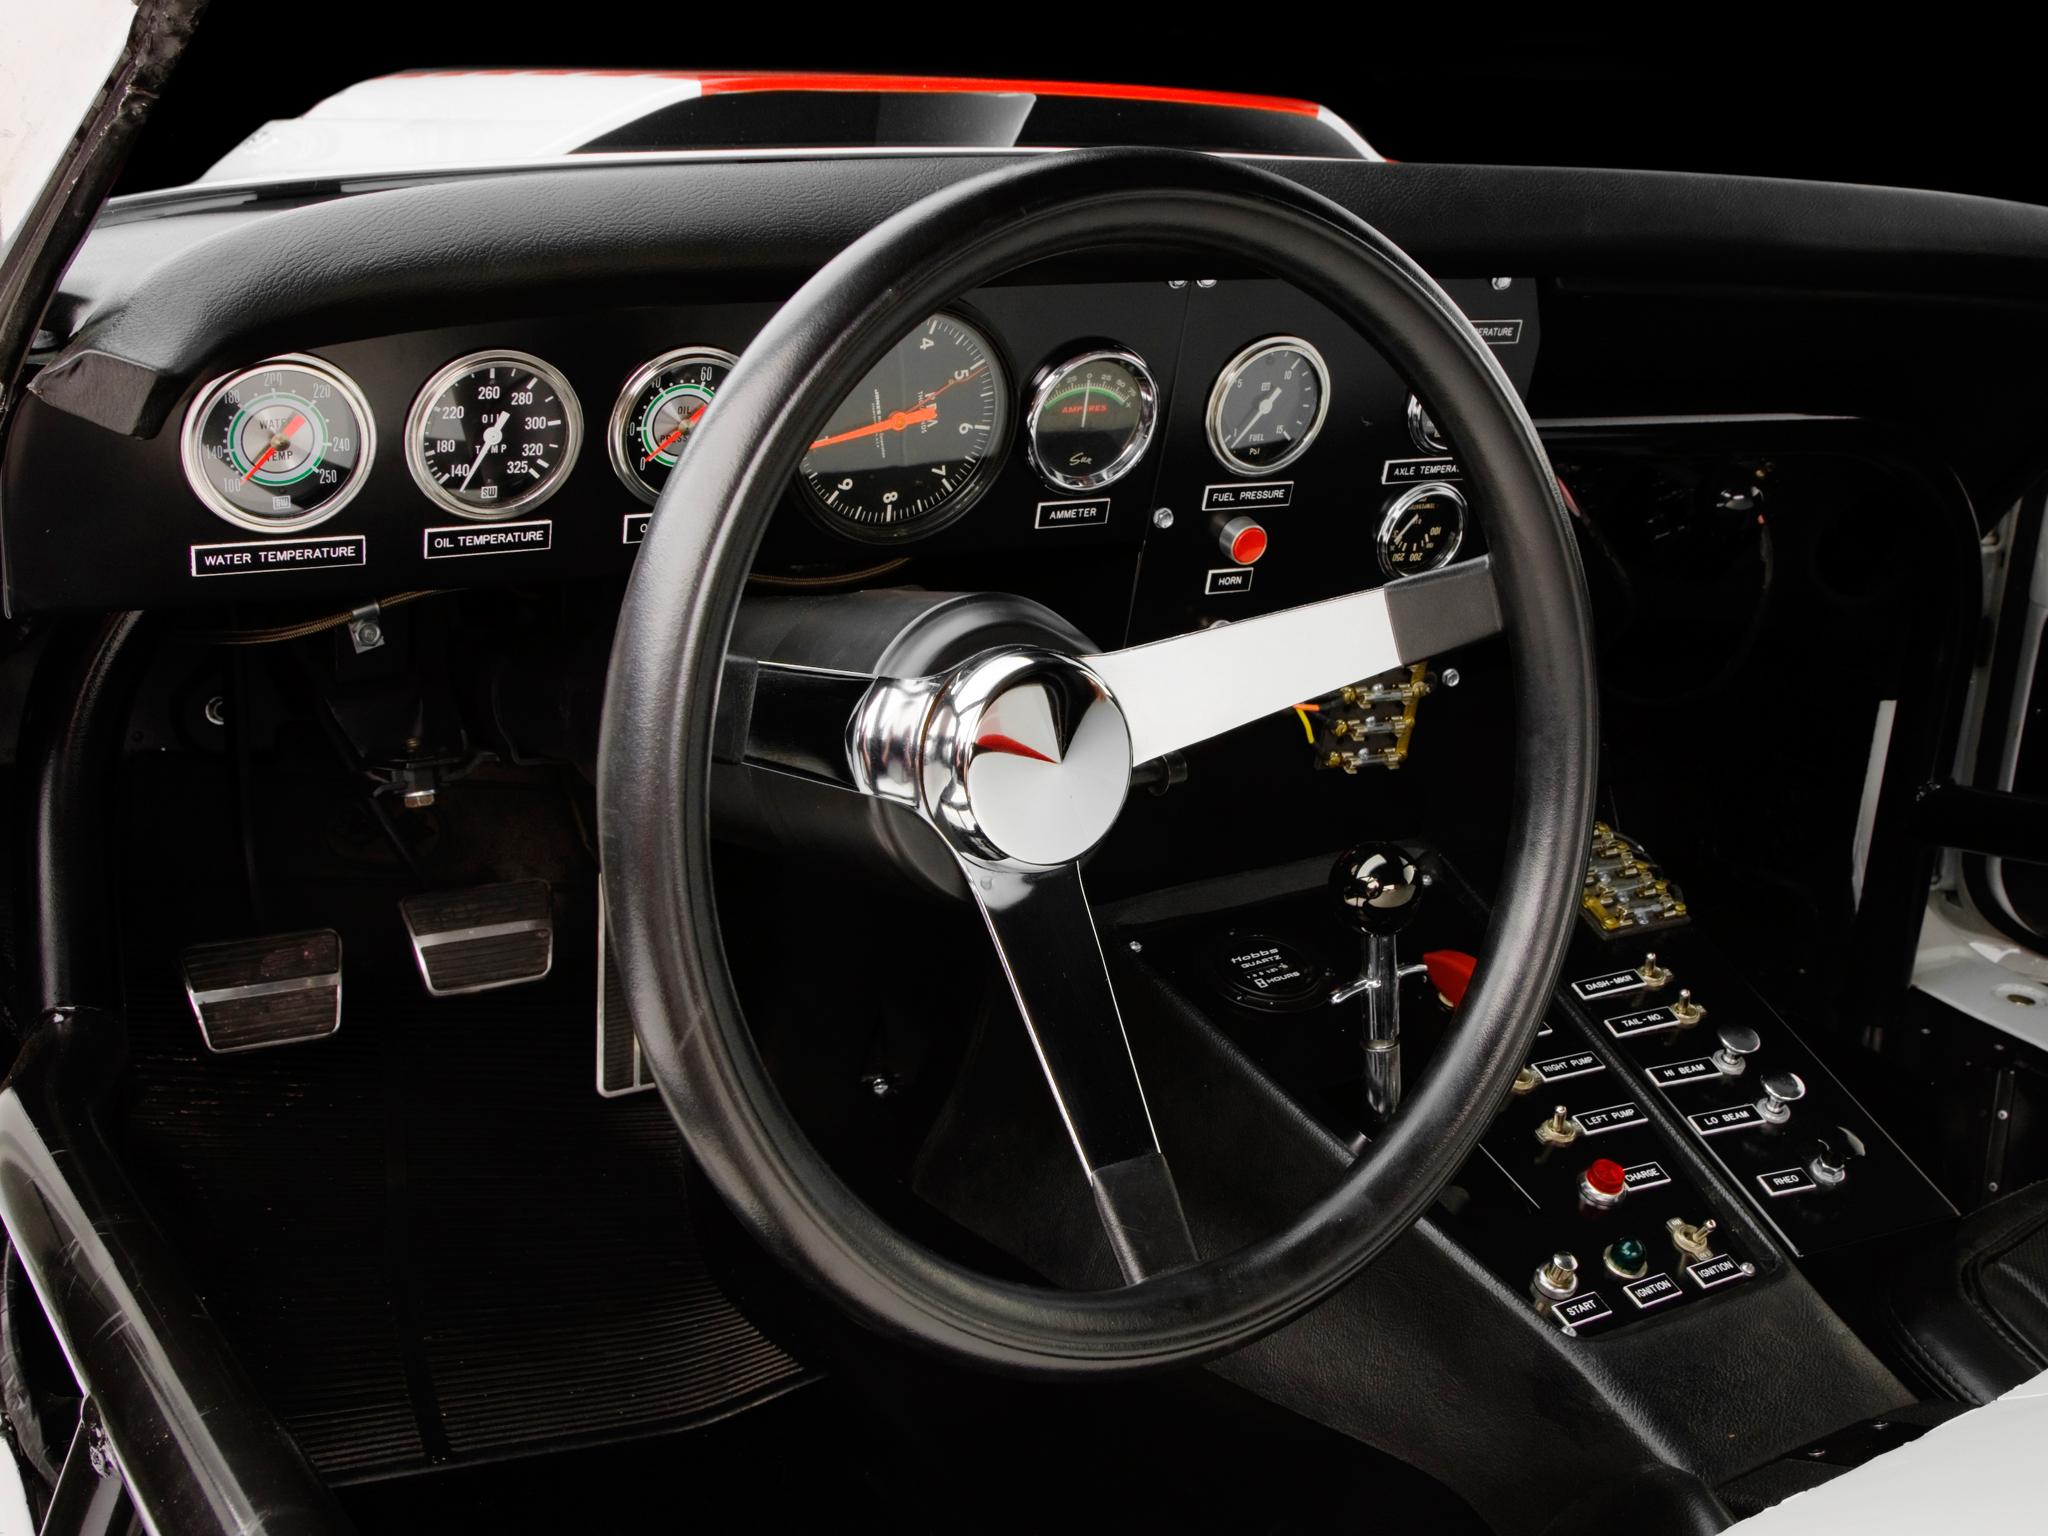 1968 Chevrolet Corvette L88 Convertible Race Car Da 3 Race